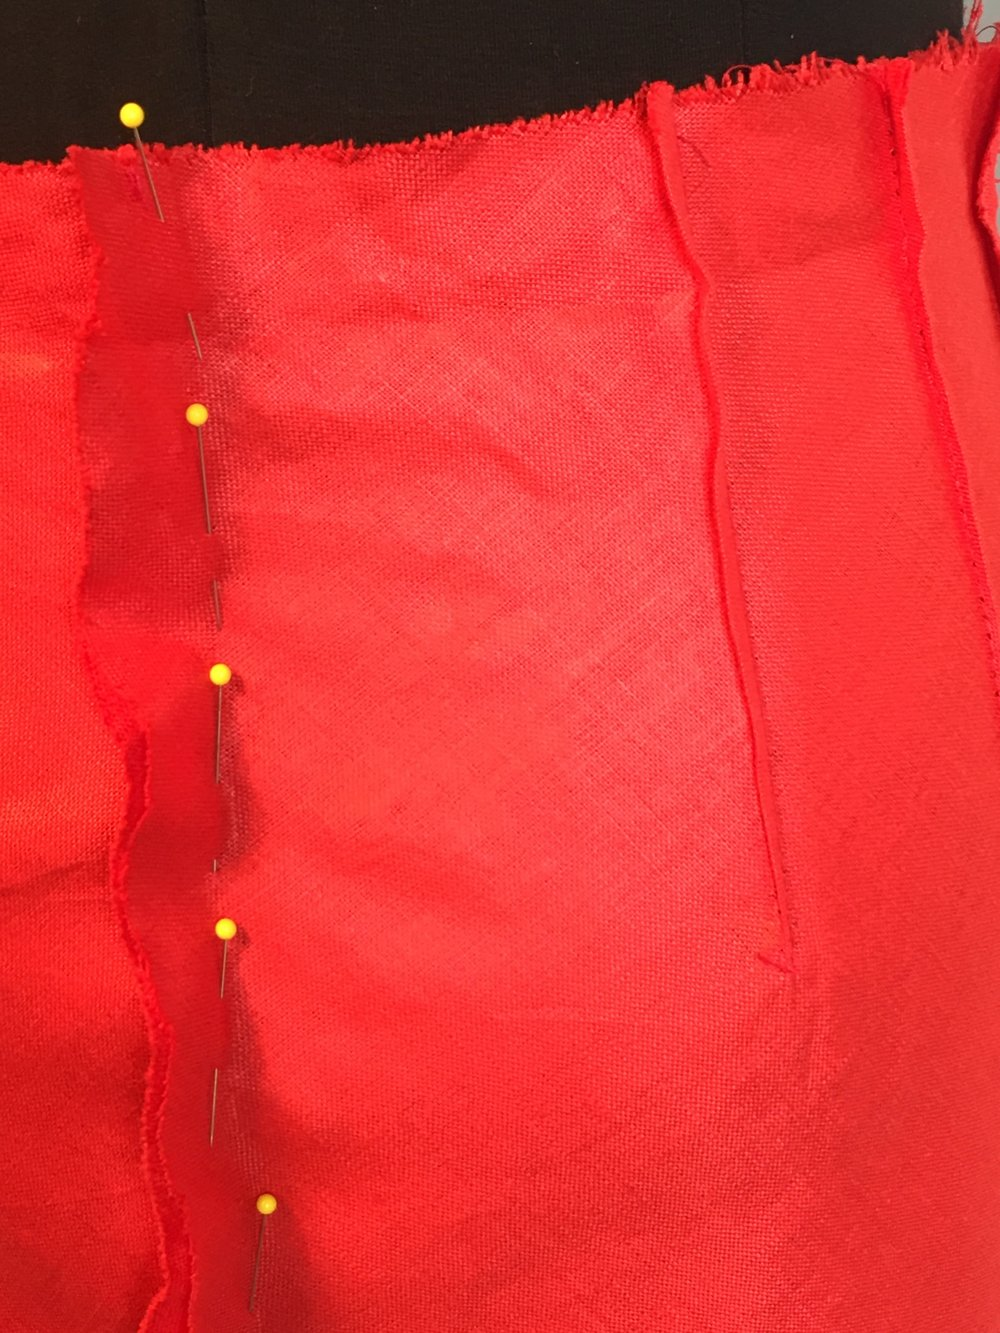 Red Skirt 1.jpg